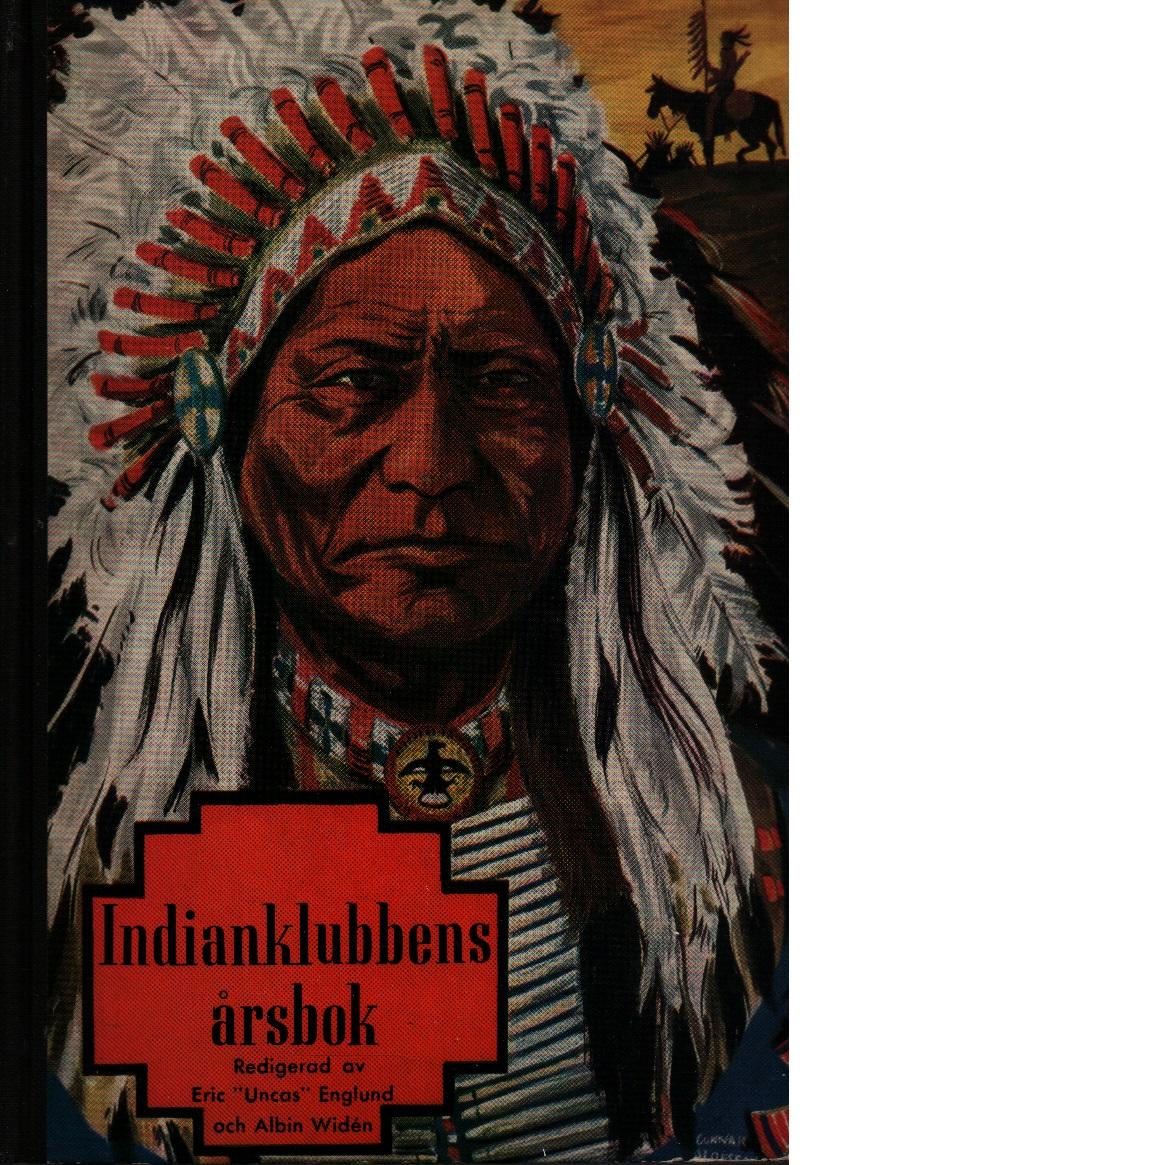 Indianklubbens årsbok 1961 - Red.